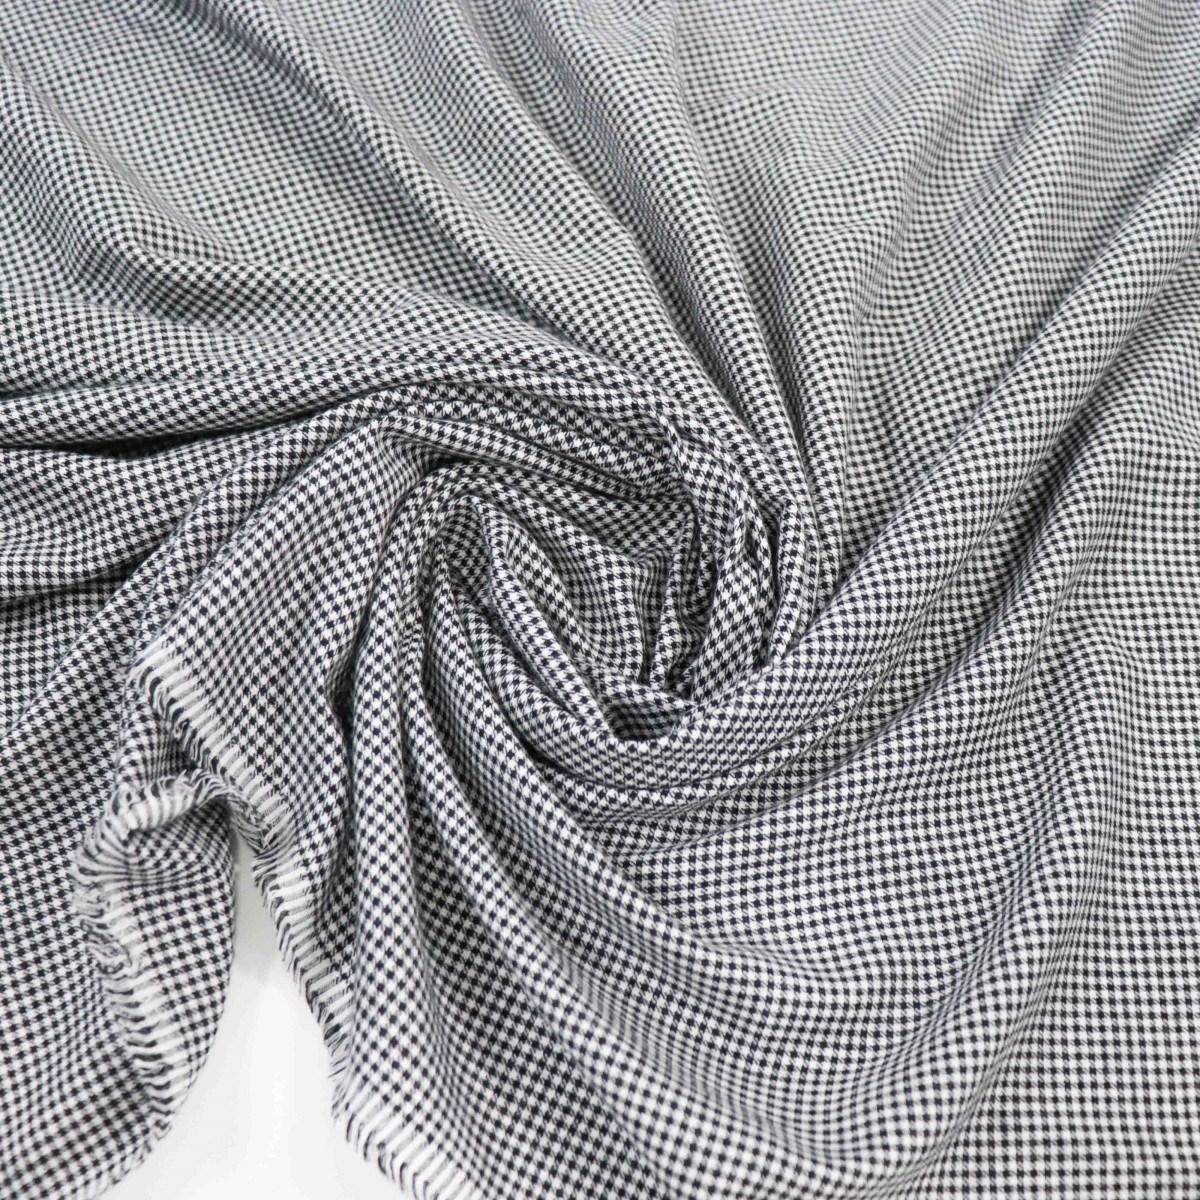 Tecido Viscose Micro Xadrez Branco e Preto